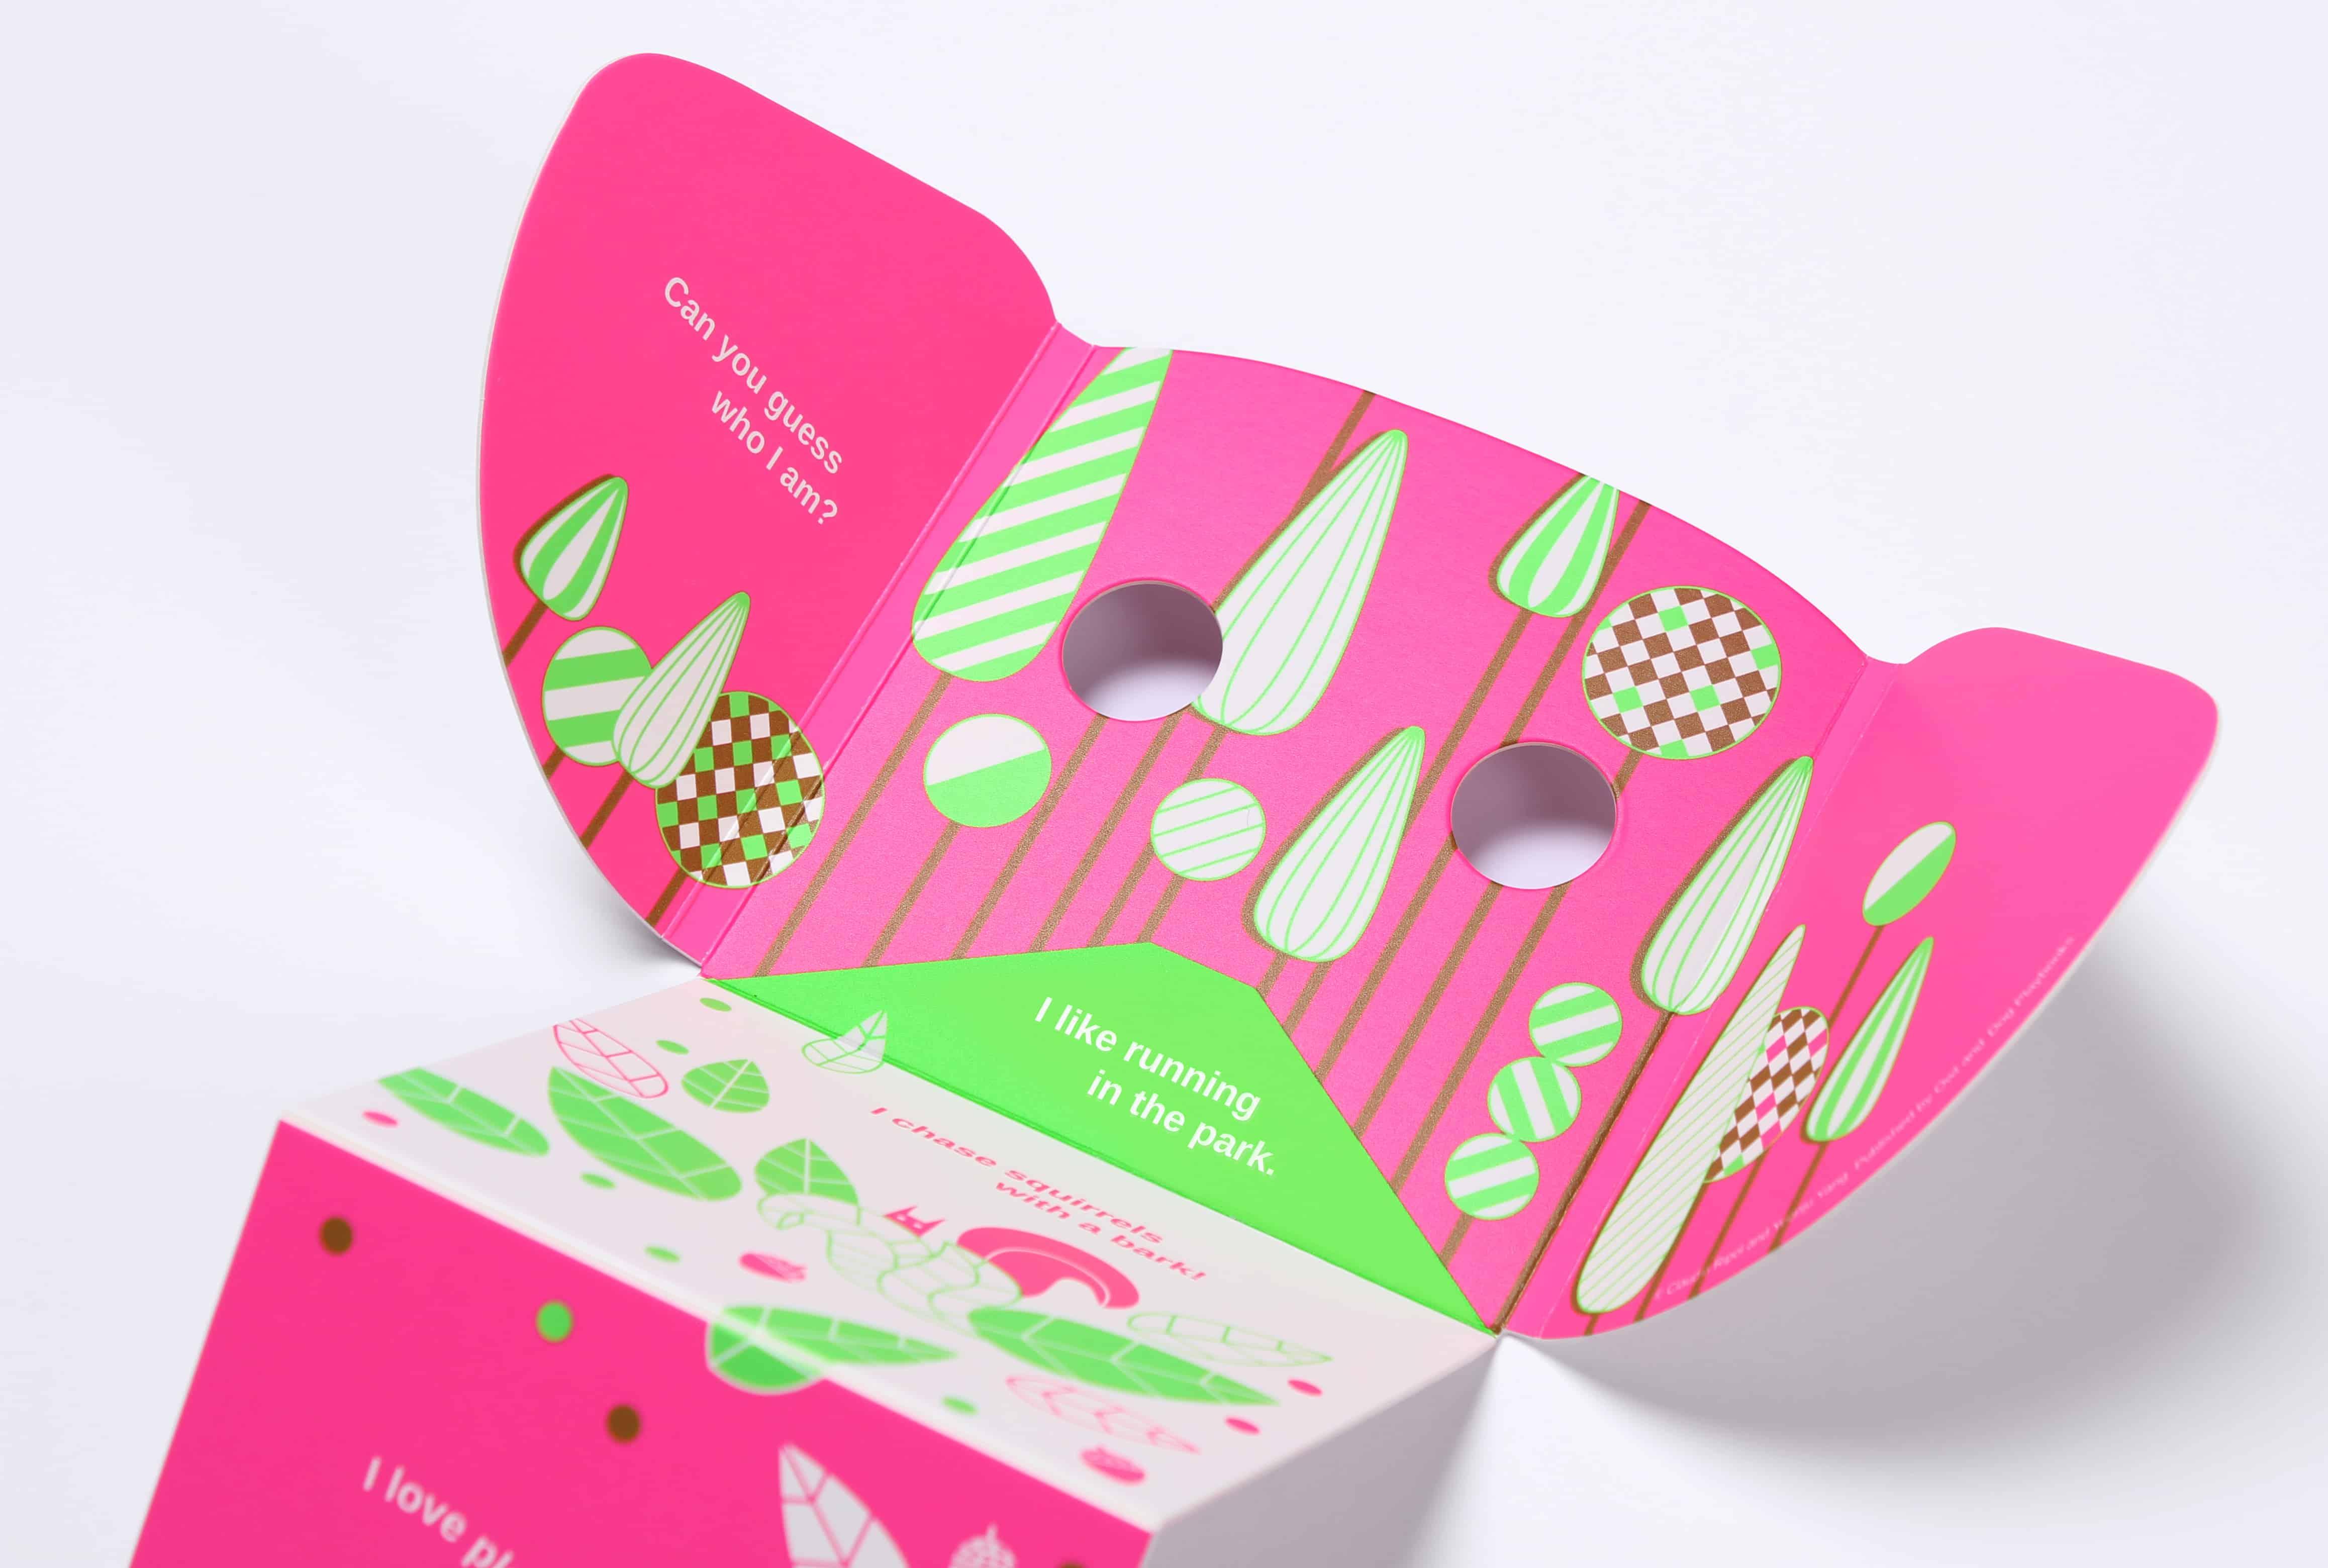 Owl and dog playbooks